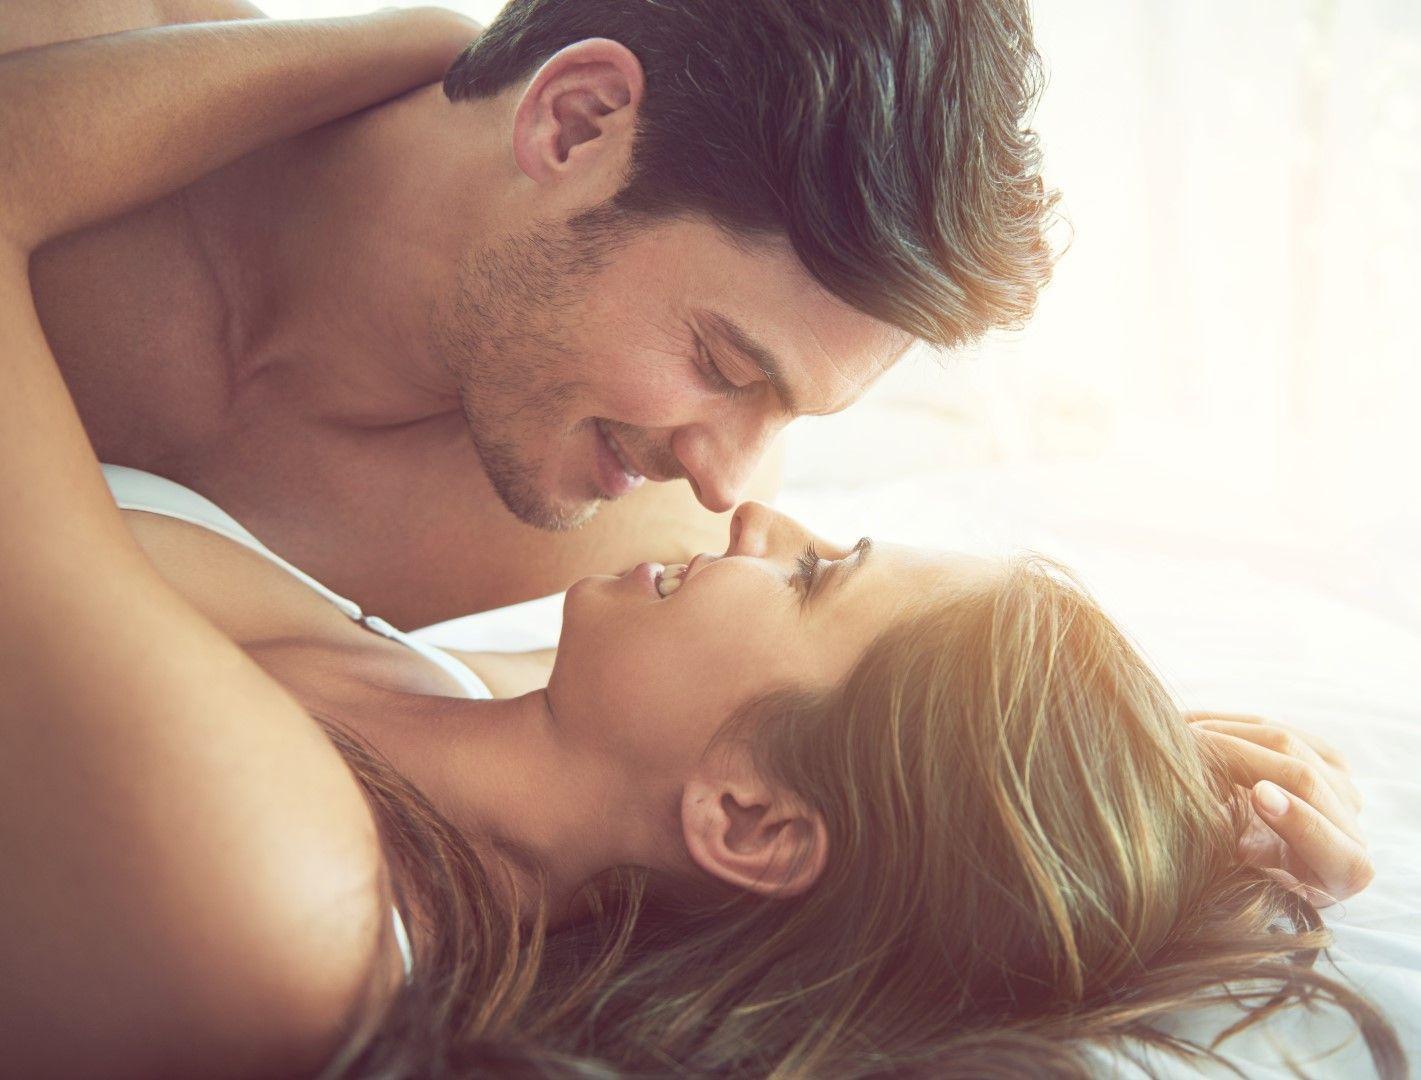 Dating online prima data galateo che datazione che in Bollywood